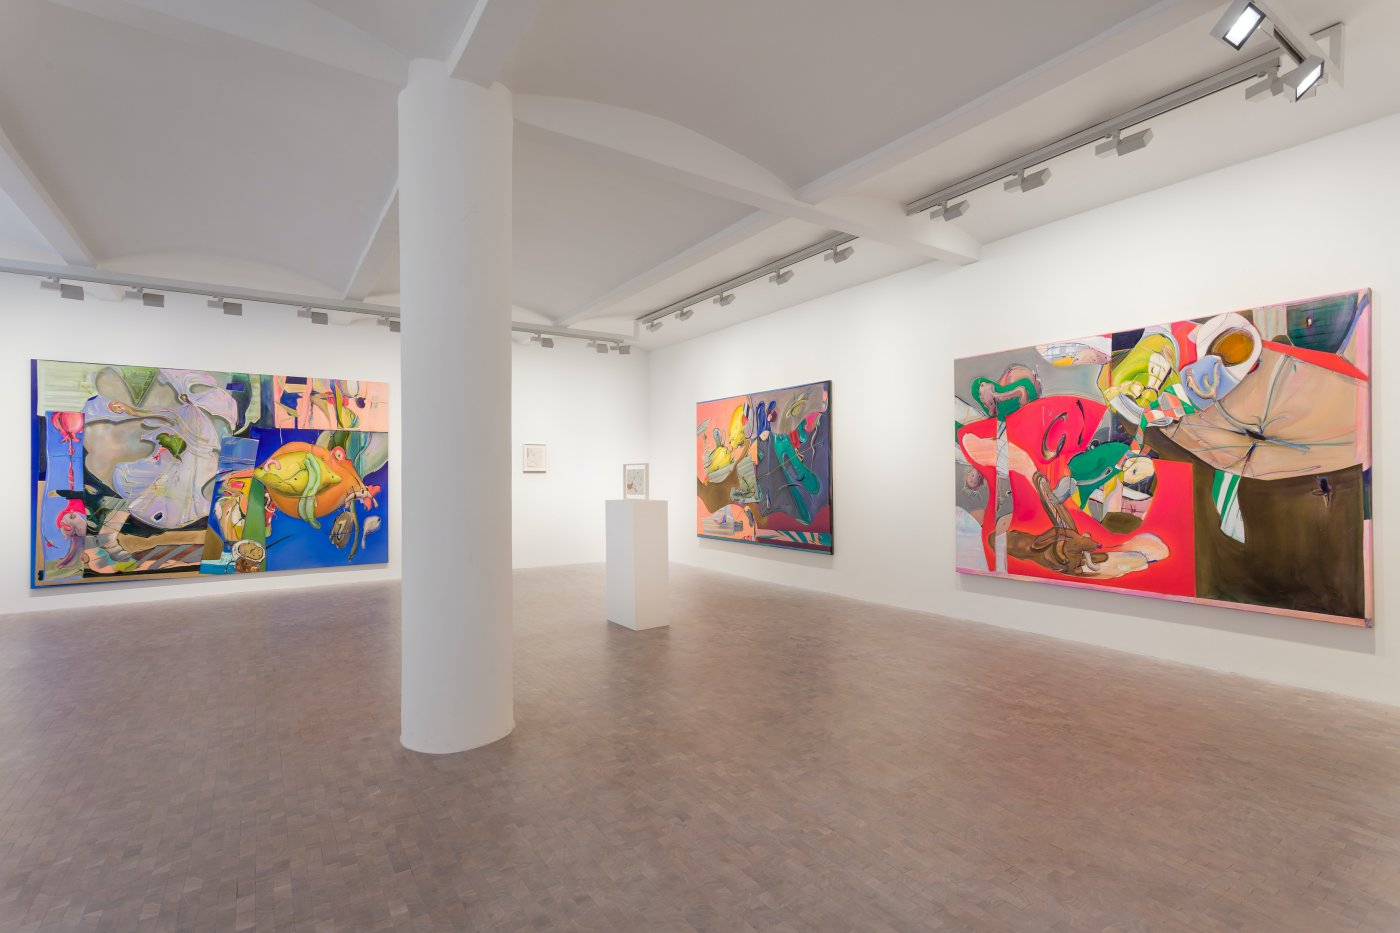 Pippy Houldsworth Gallery Stefanie Heinze 7